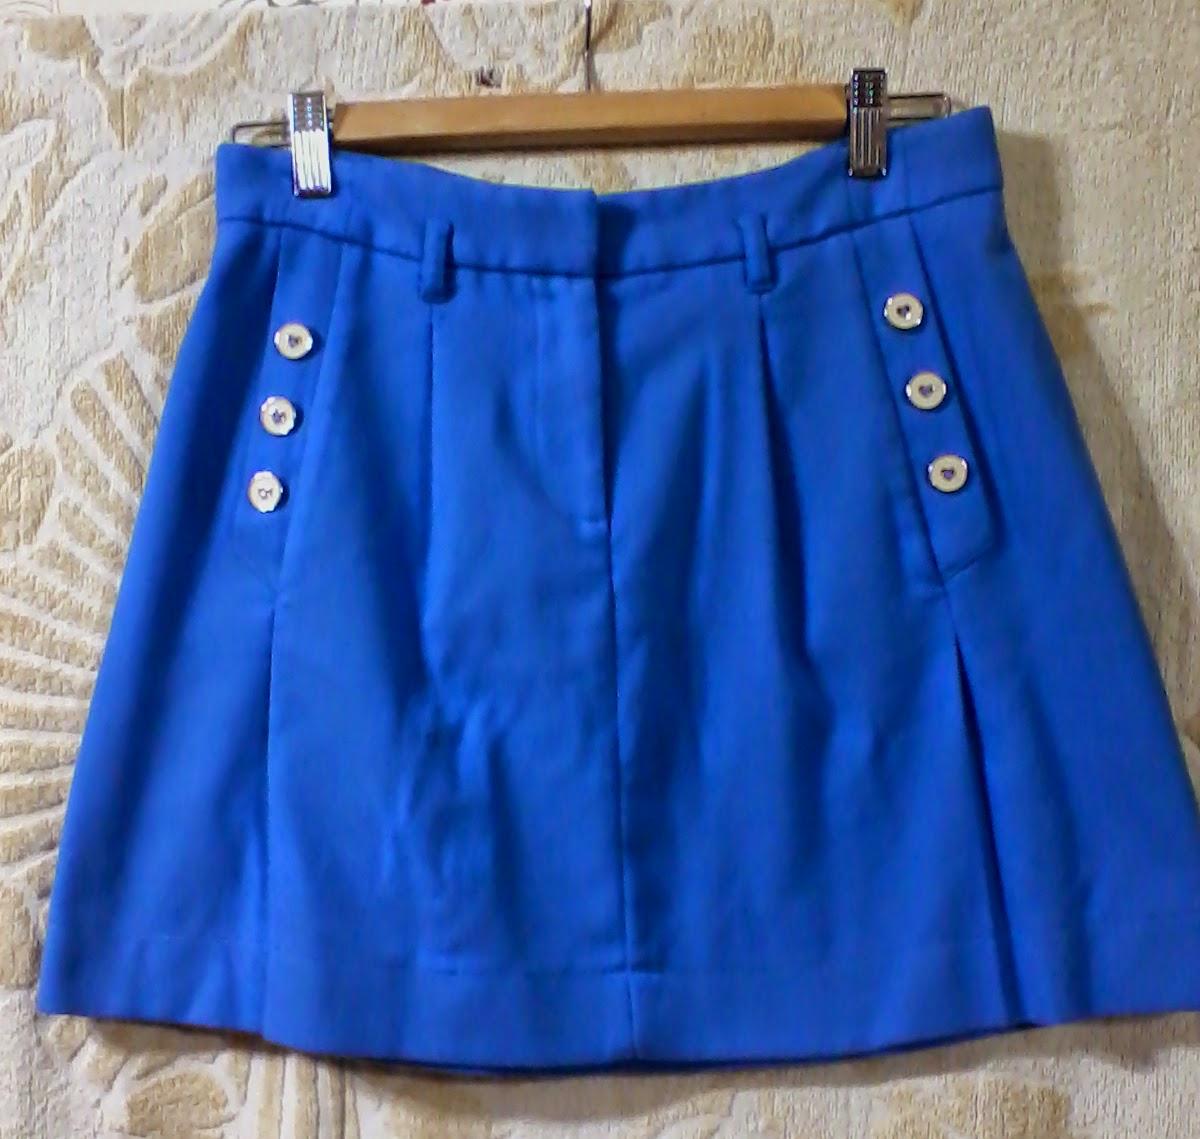 видеть во сне новую юбку на подруге: